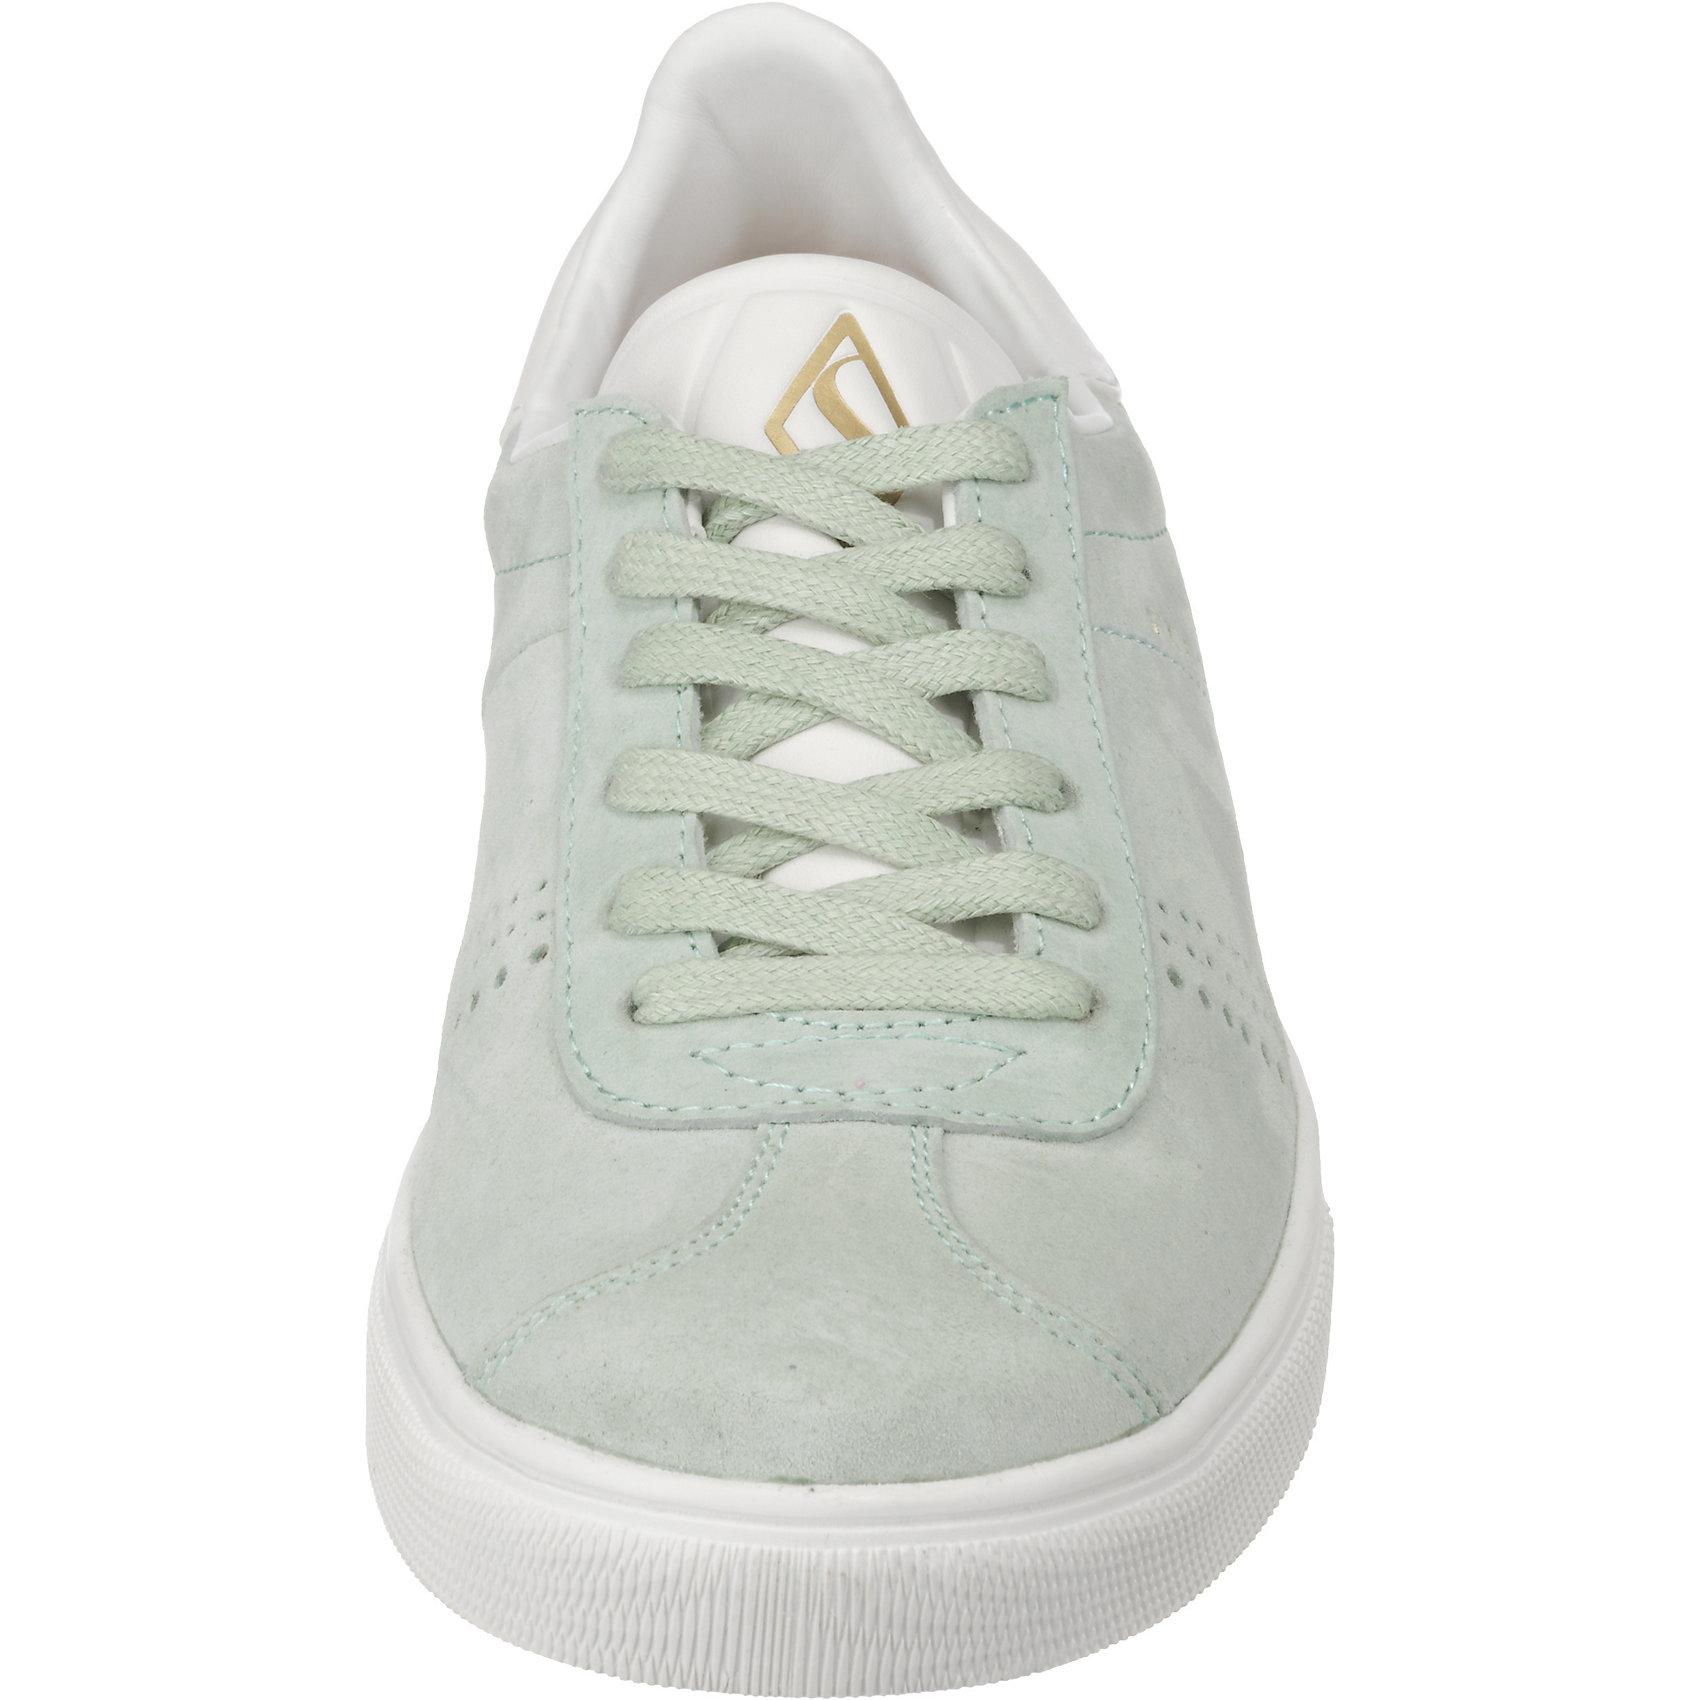 Skechers 'Moda' Mint QR8wW